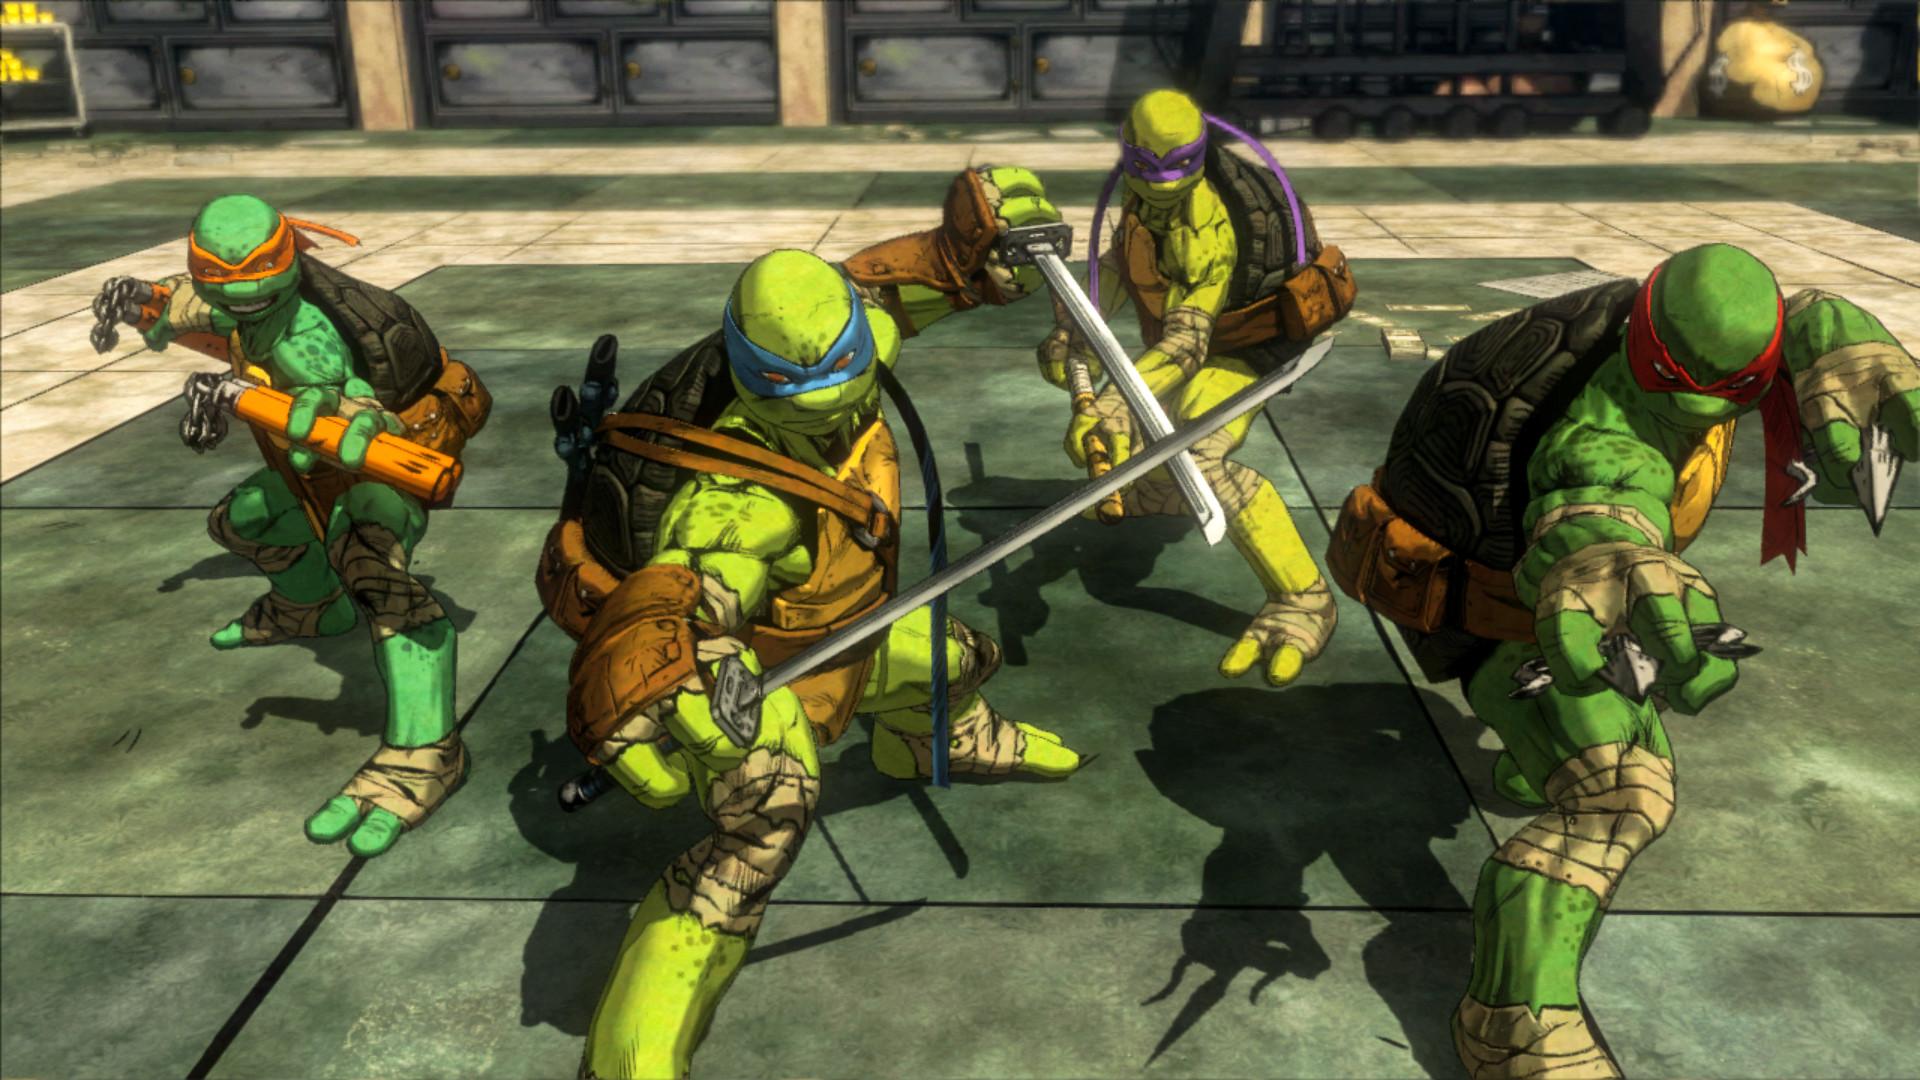 Teenage Mutant Ninja Turtles Mutants